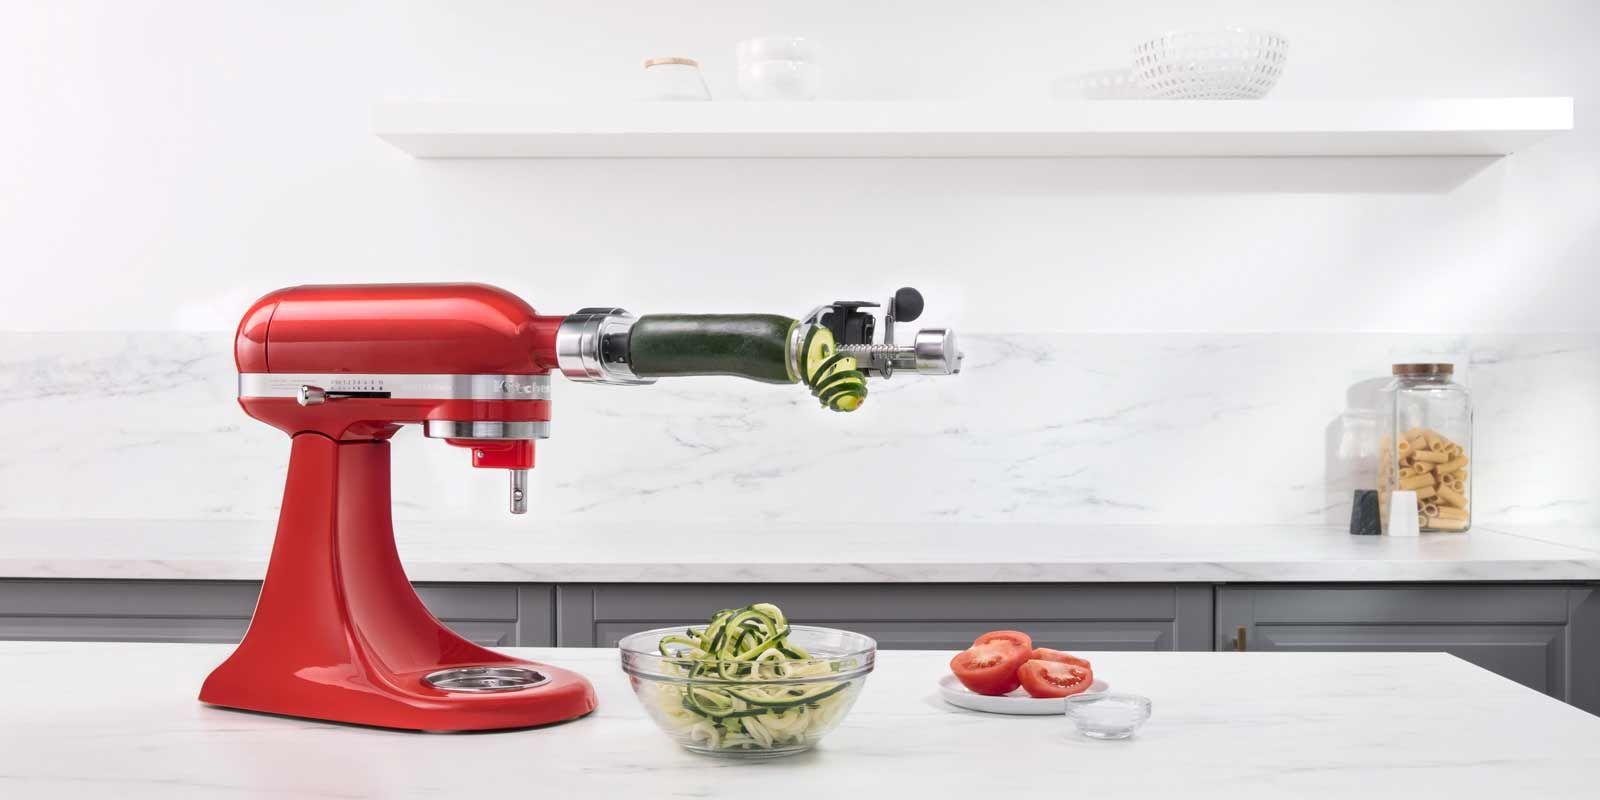 Spiralschneider Zum Schalen Entkernen Und Schneiden 5ksm1apc Kuchenhilfe Spiralschneider Kitchenaid Kuchenmaschine